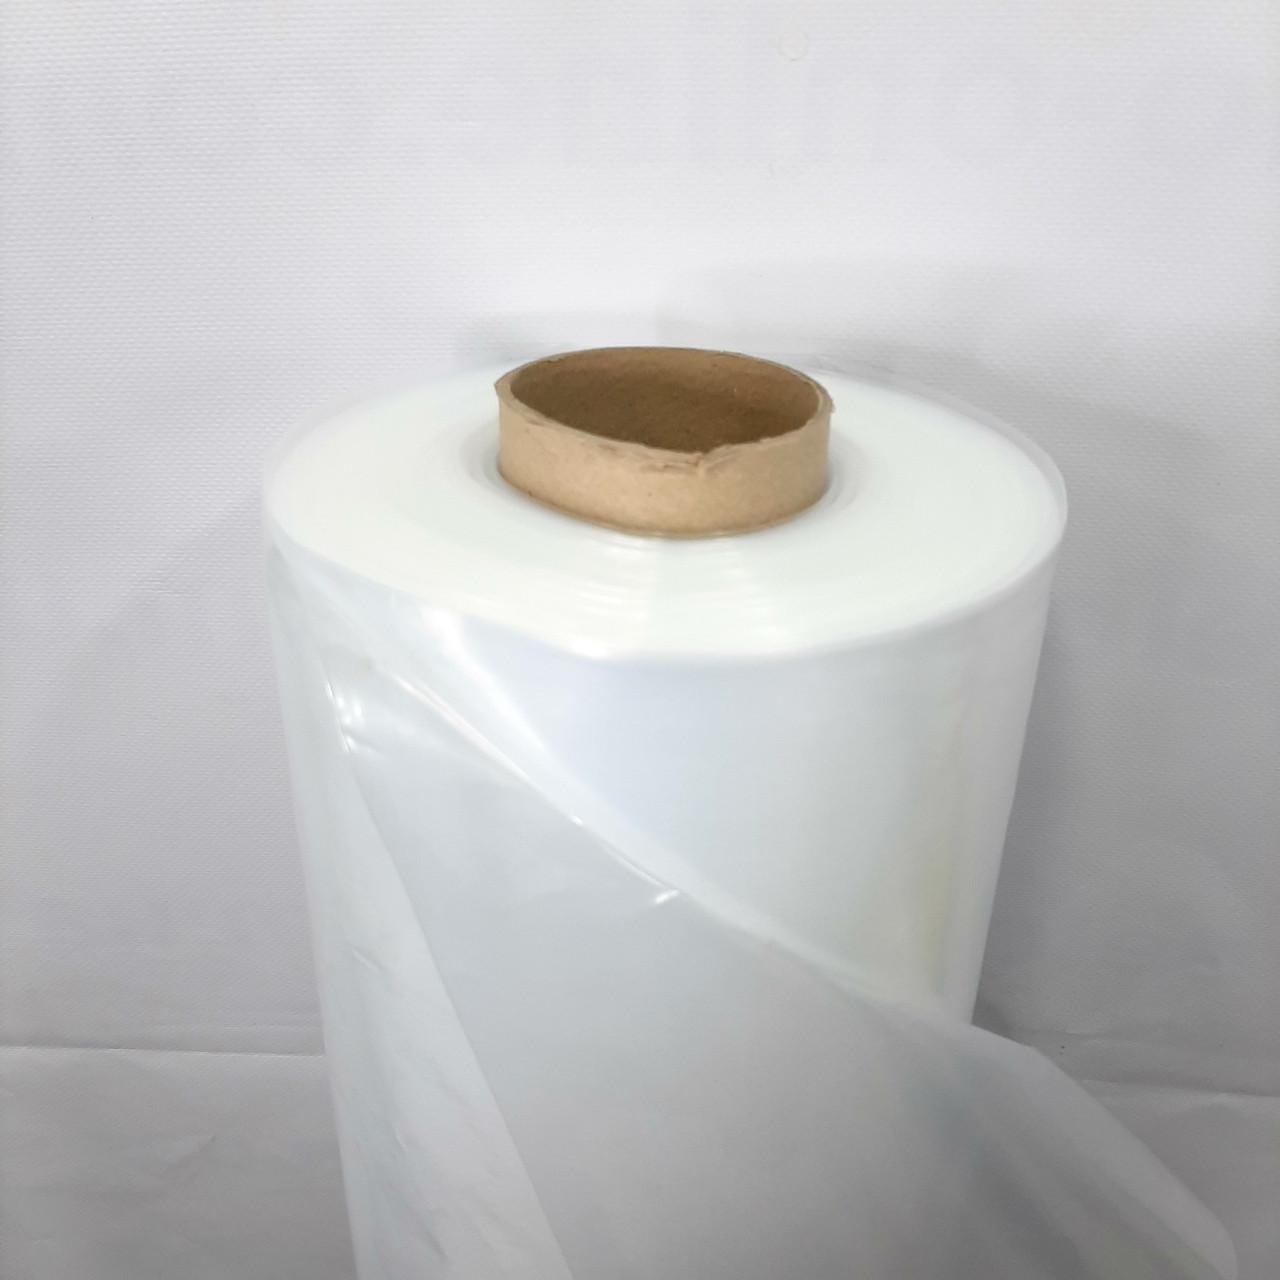 Пленка белая, 170мкм, 3м/50м. Прозрачная (парниковая, полиэтиленовая).